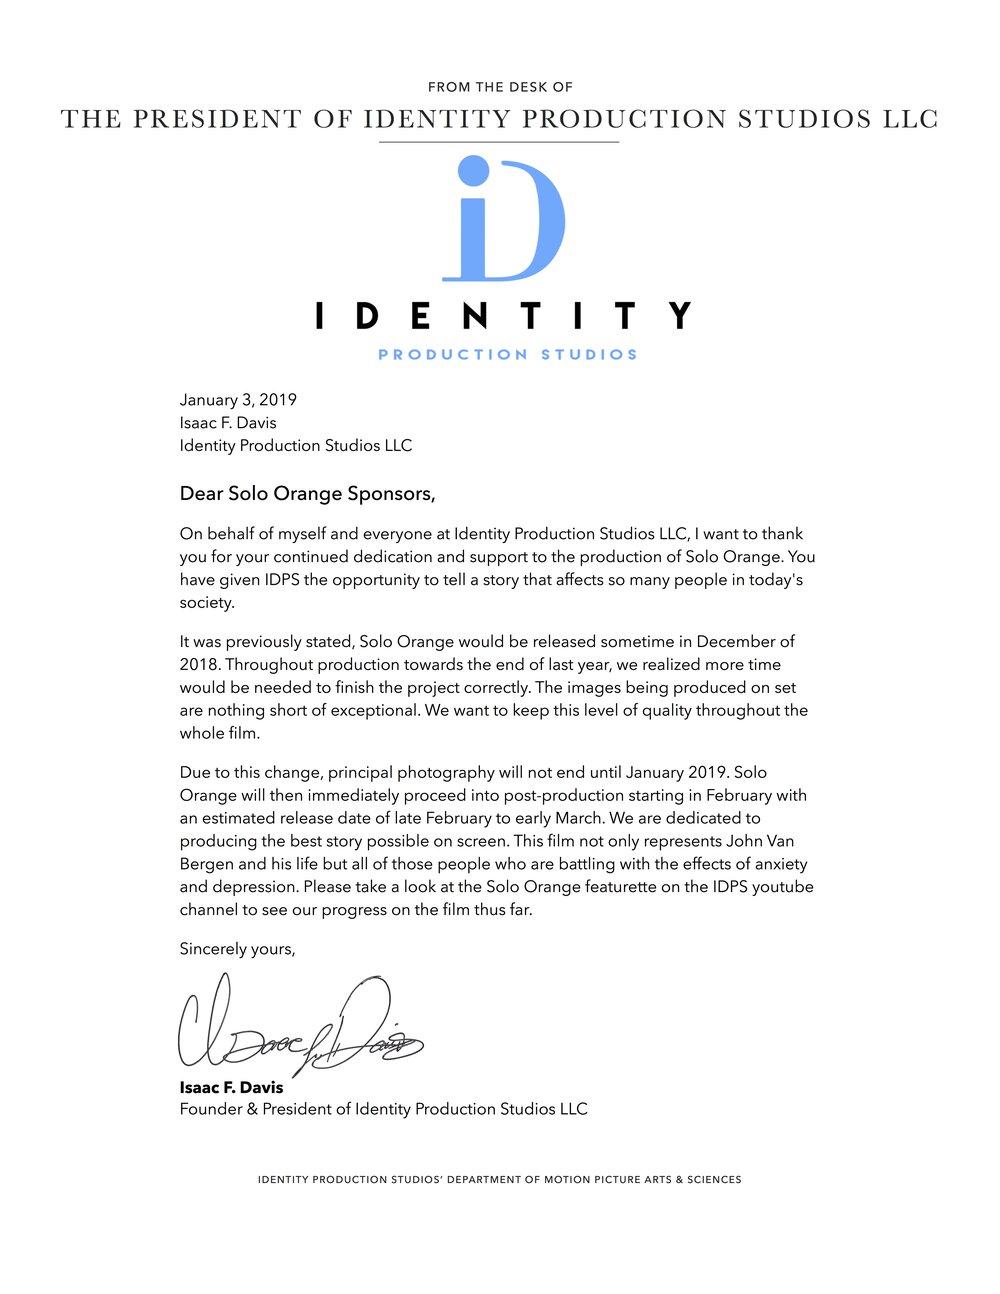 IDPS Pres. Desk Letter #004 (Confidential) IDPS 2K18.jpg